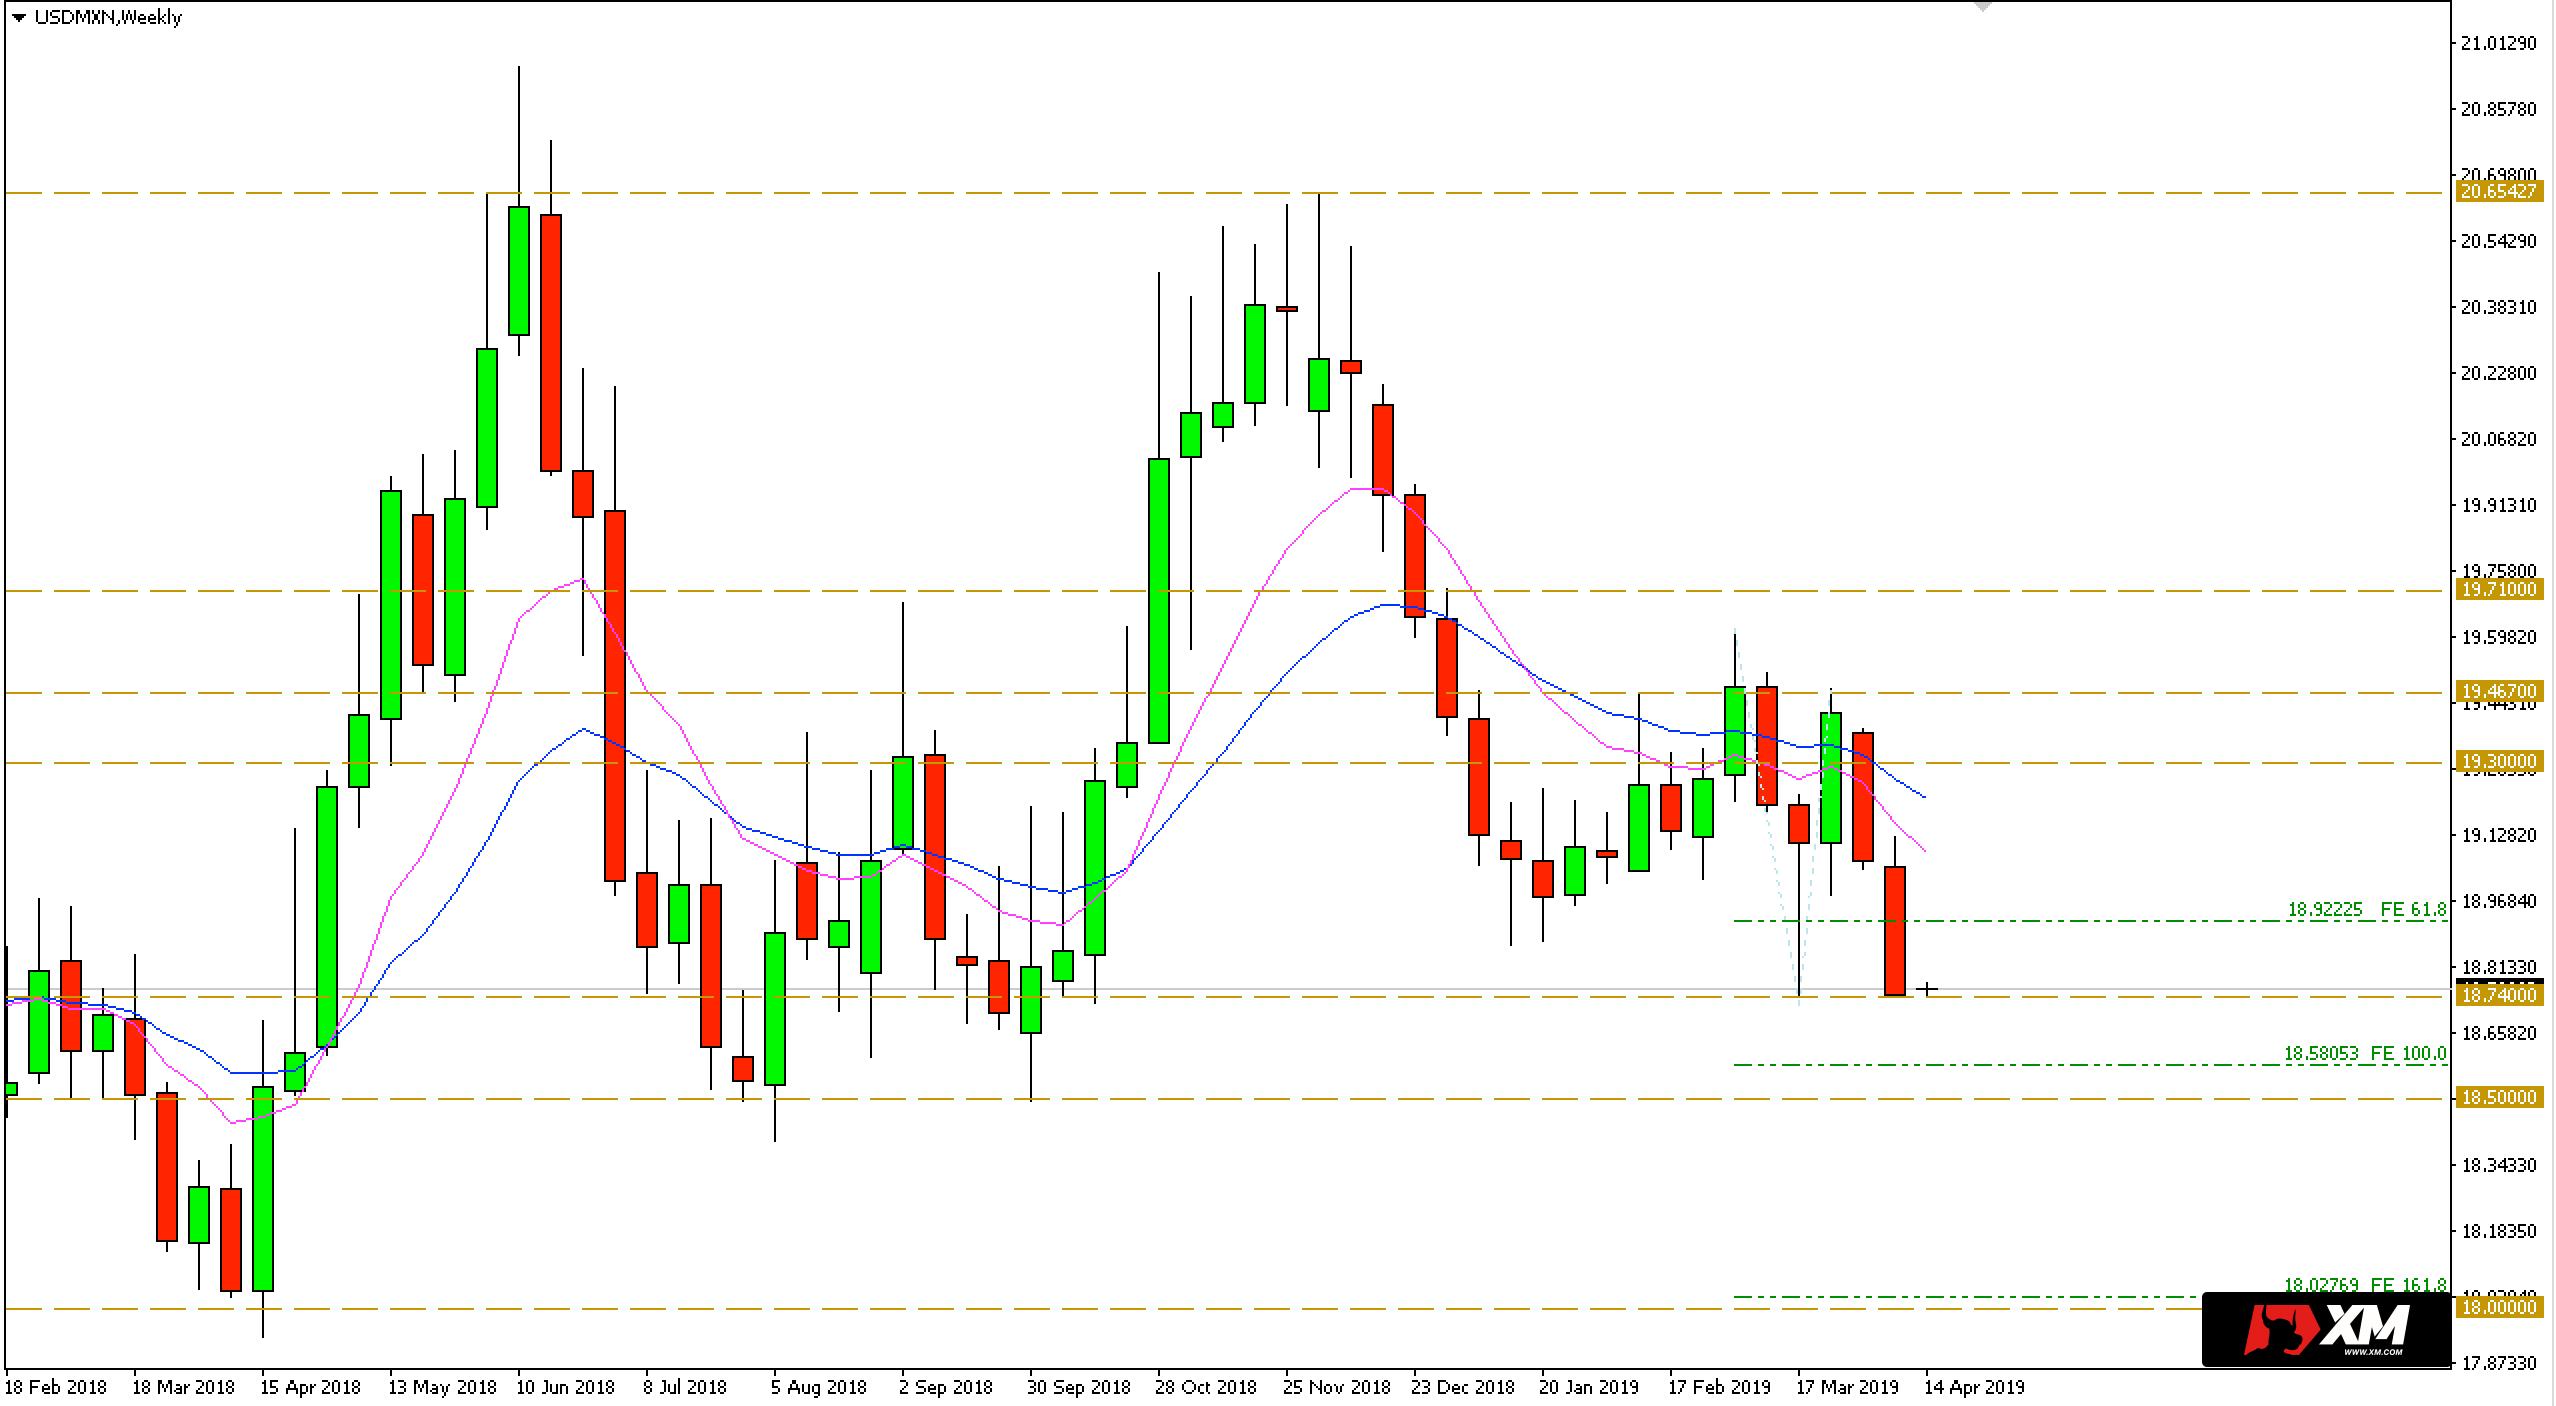 USD/MXN - wykres dzienny - 15 kwietnia 2019